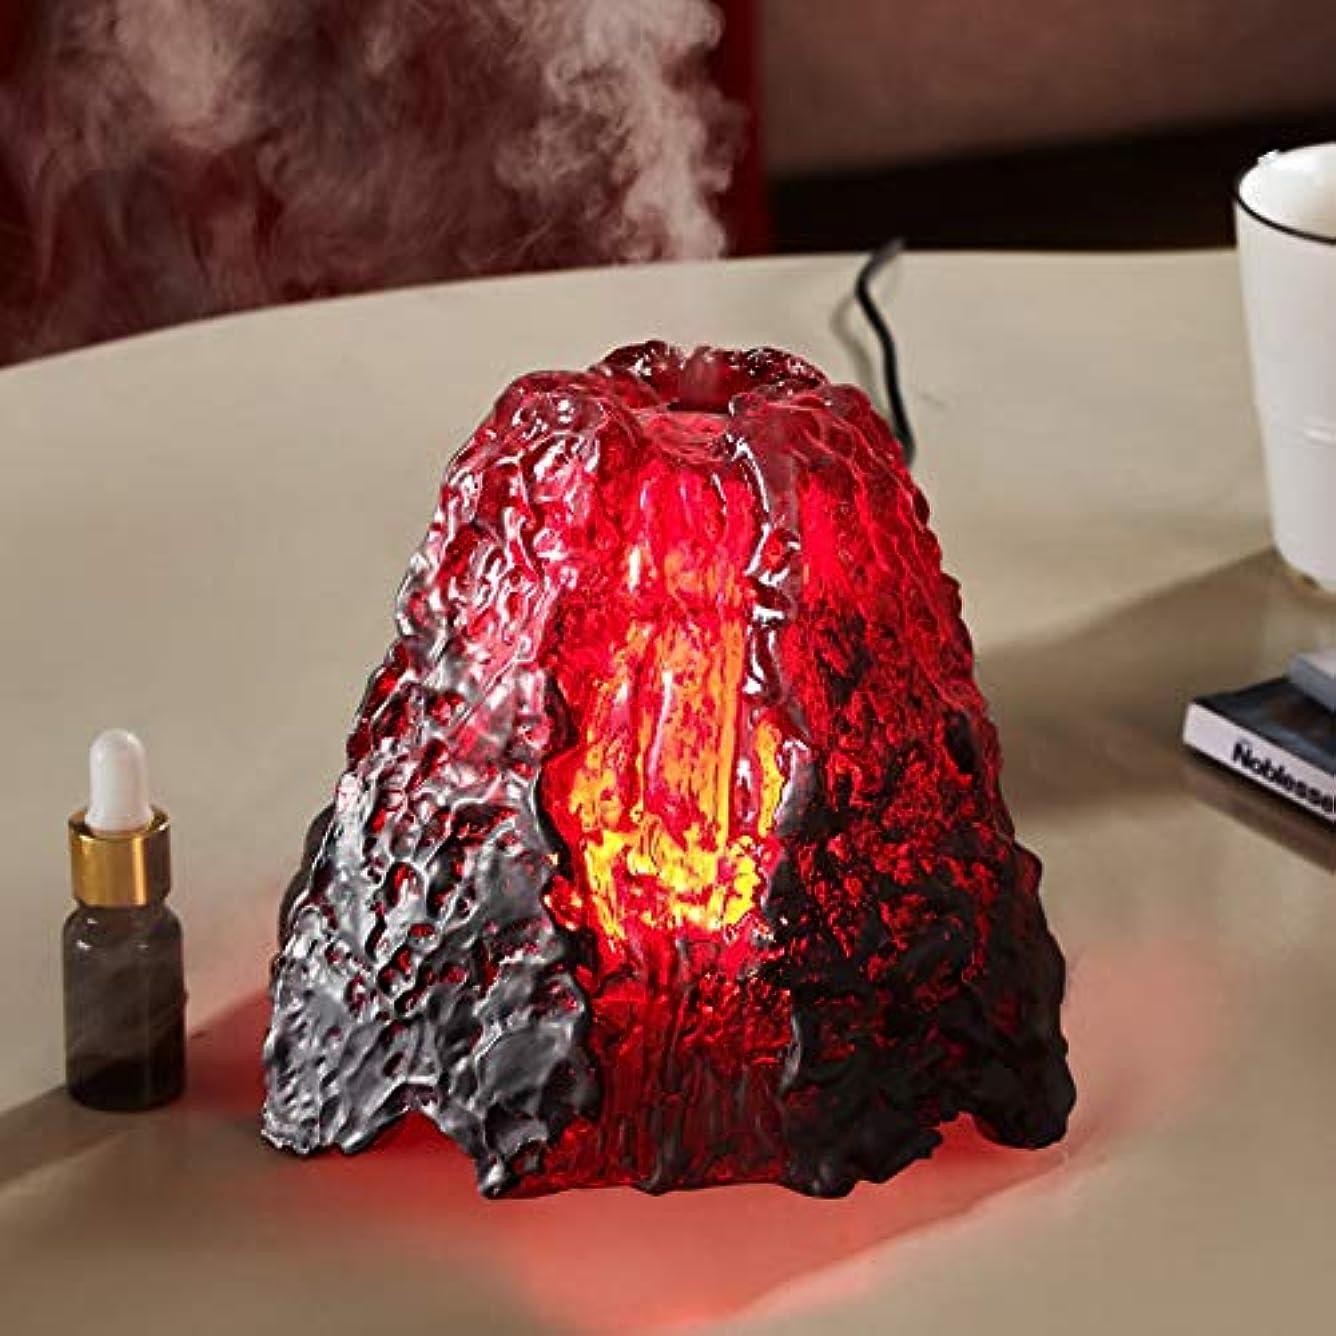 見て累計トマト樹脂 火山 7 色 加湿器,デスクトップ 涼しい霧 加湿機 調整可能 精油 ディフューザー アロマネブライザー 空気を浄化 Yoga- 200ml